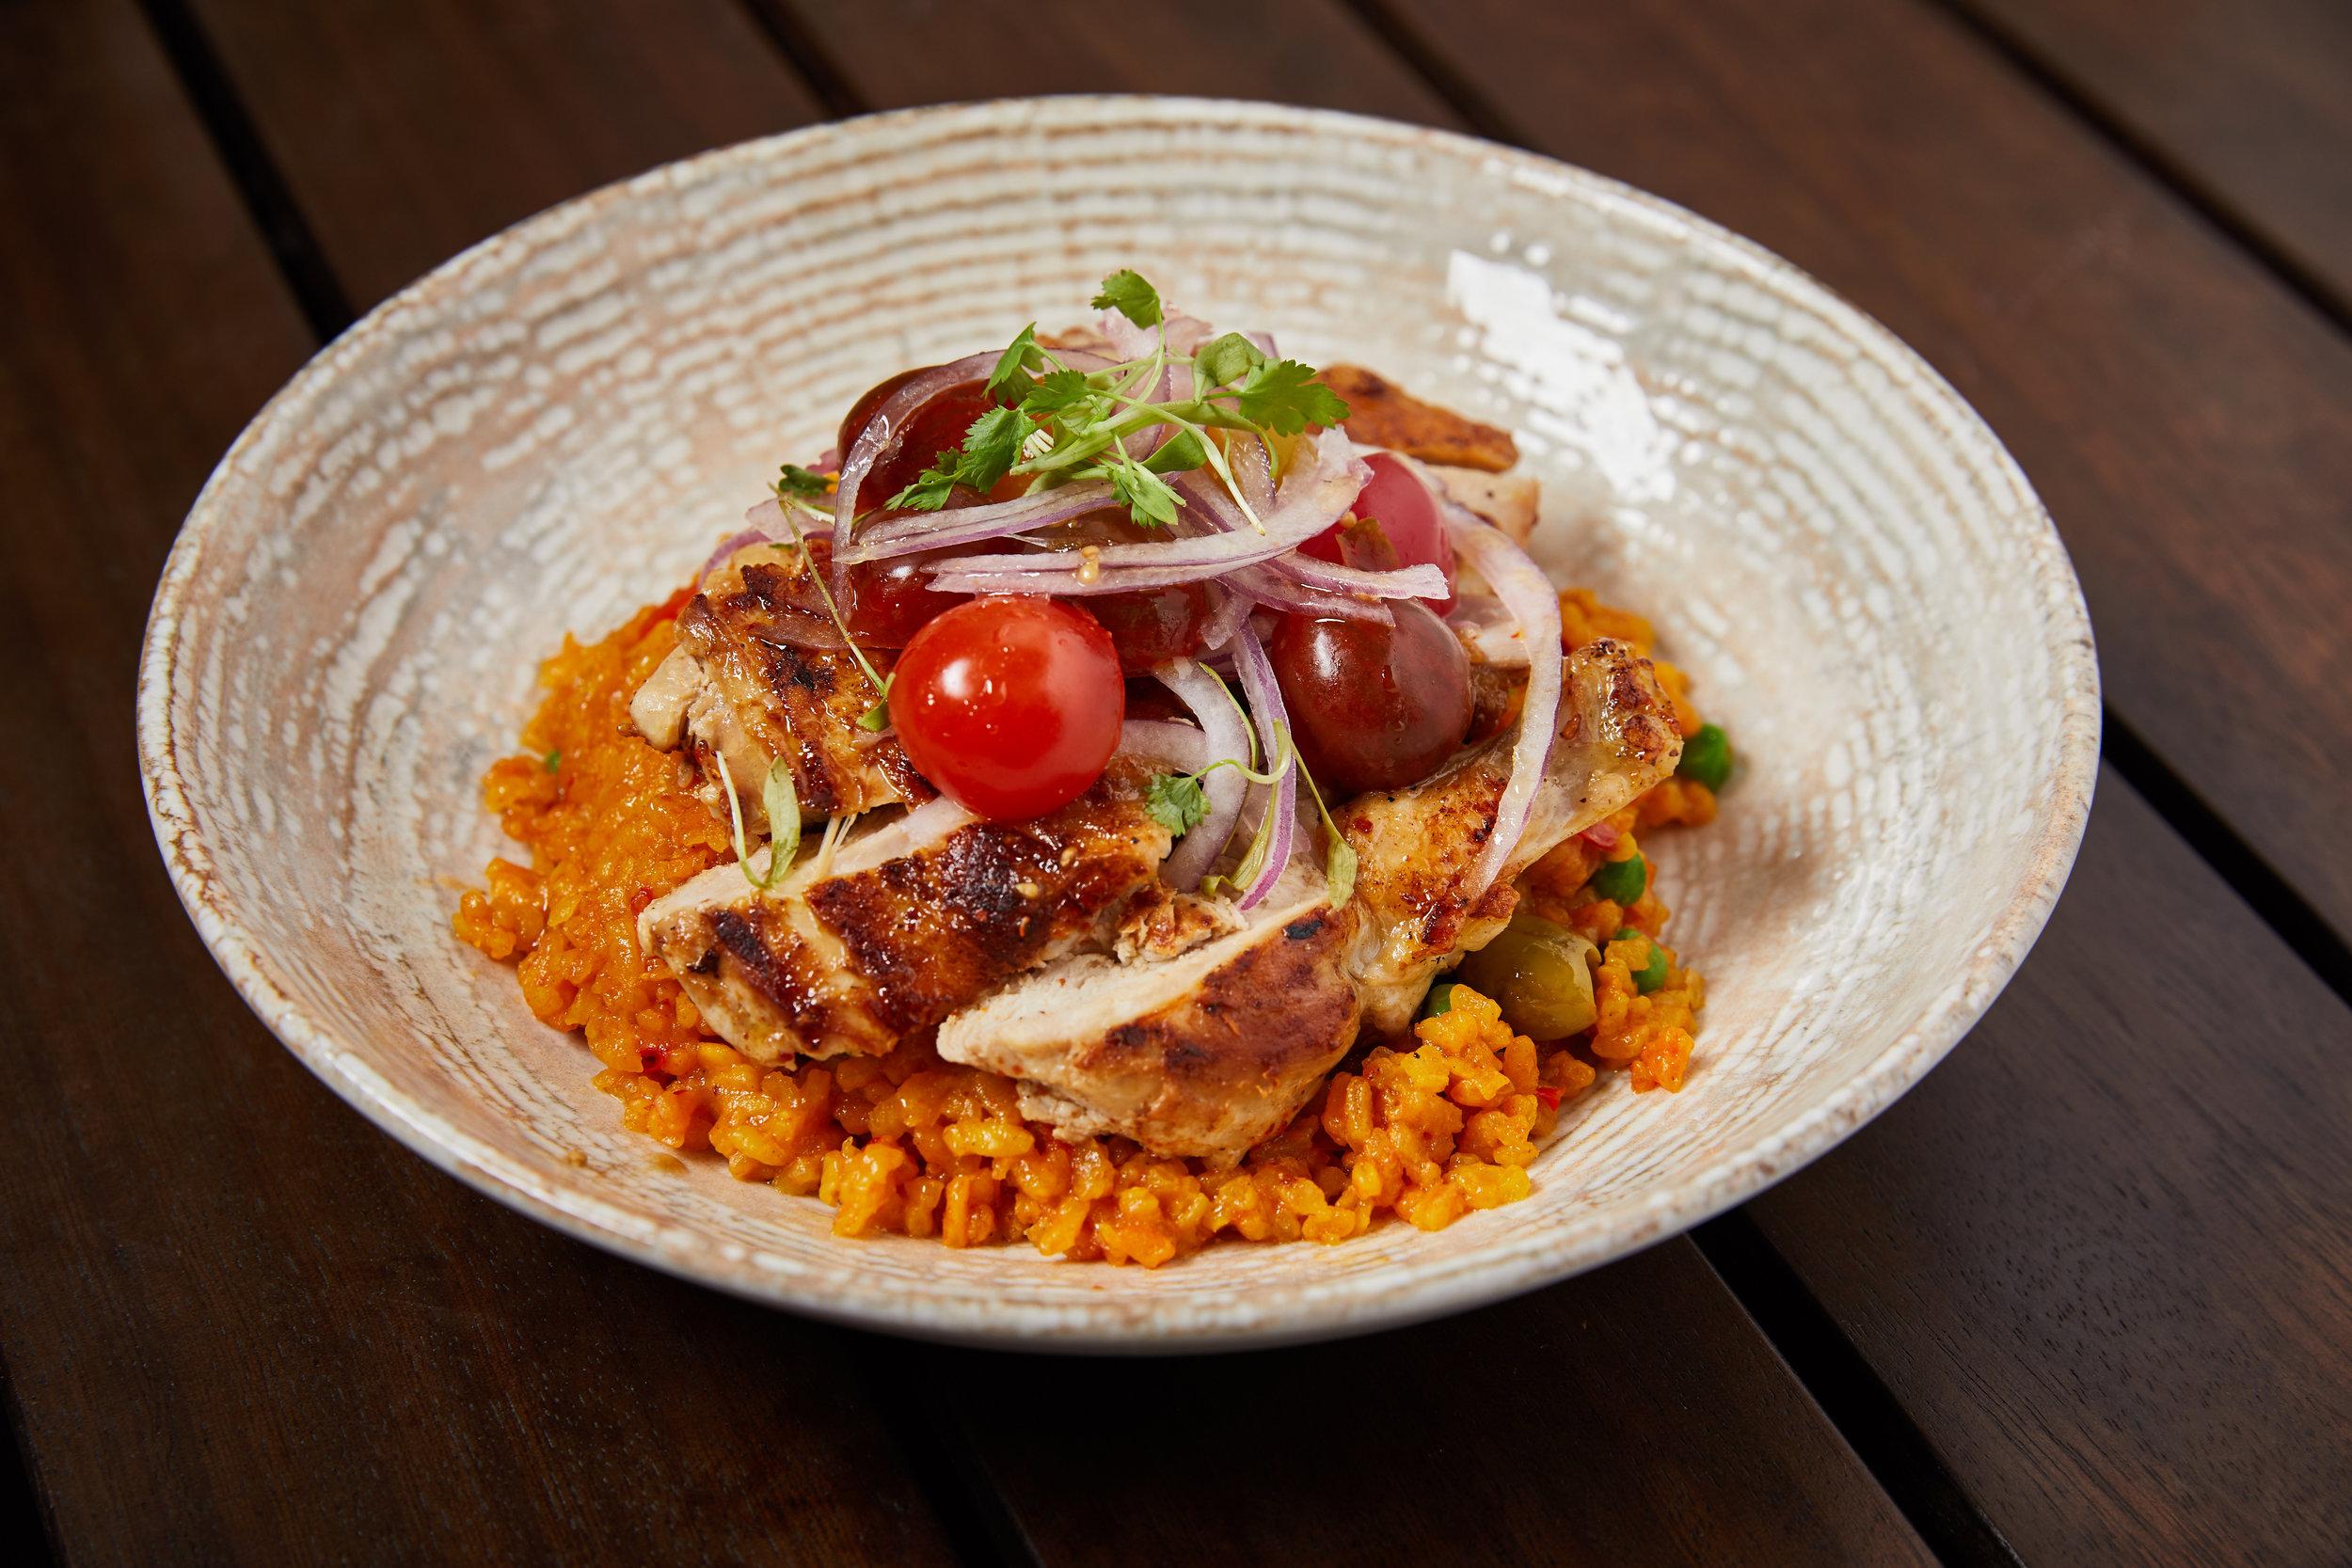 Cafe la Trova Arroz con pollo Miami Spice